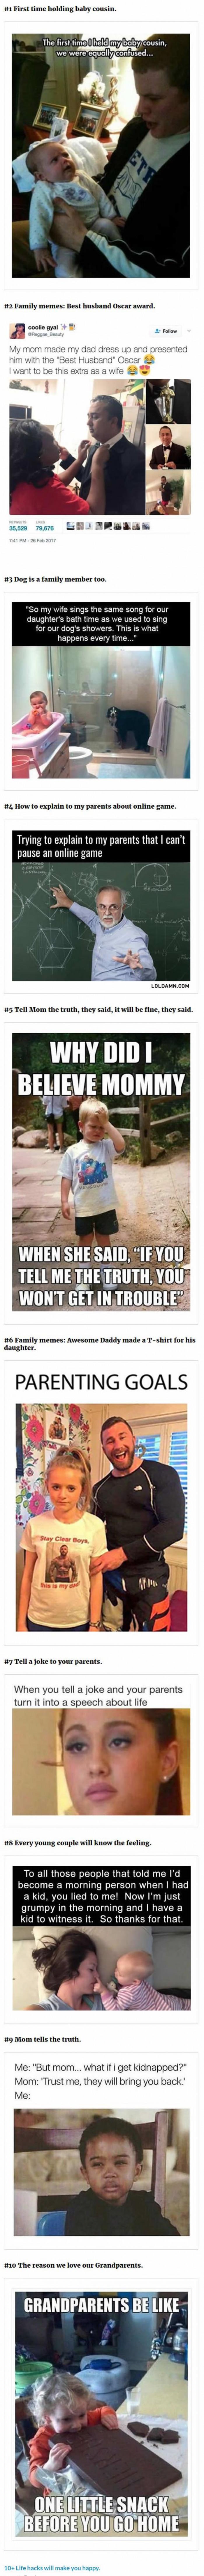 10 Fresh Family Memes